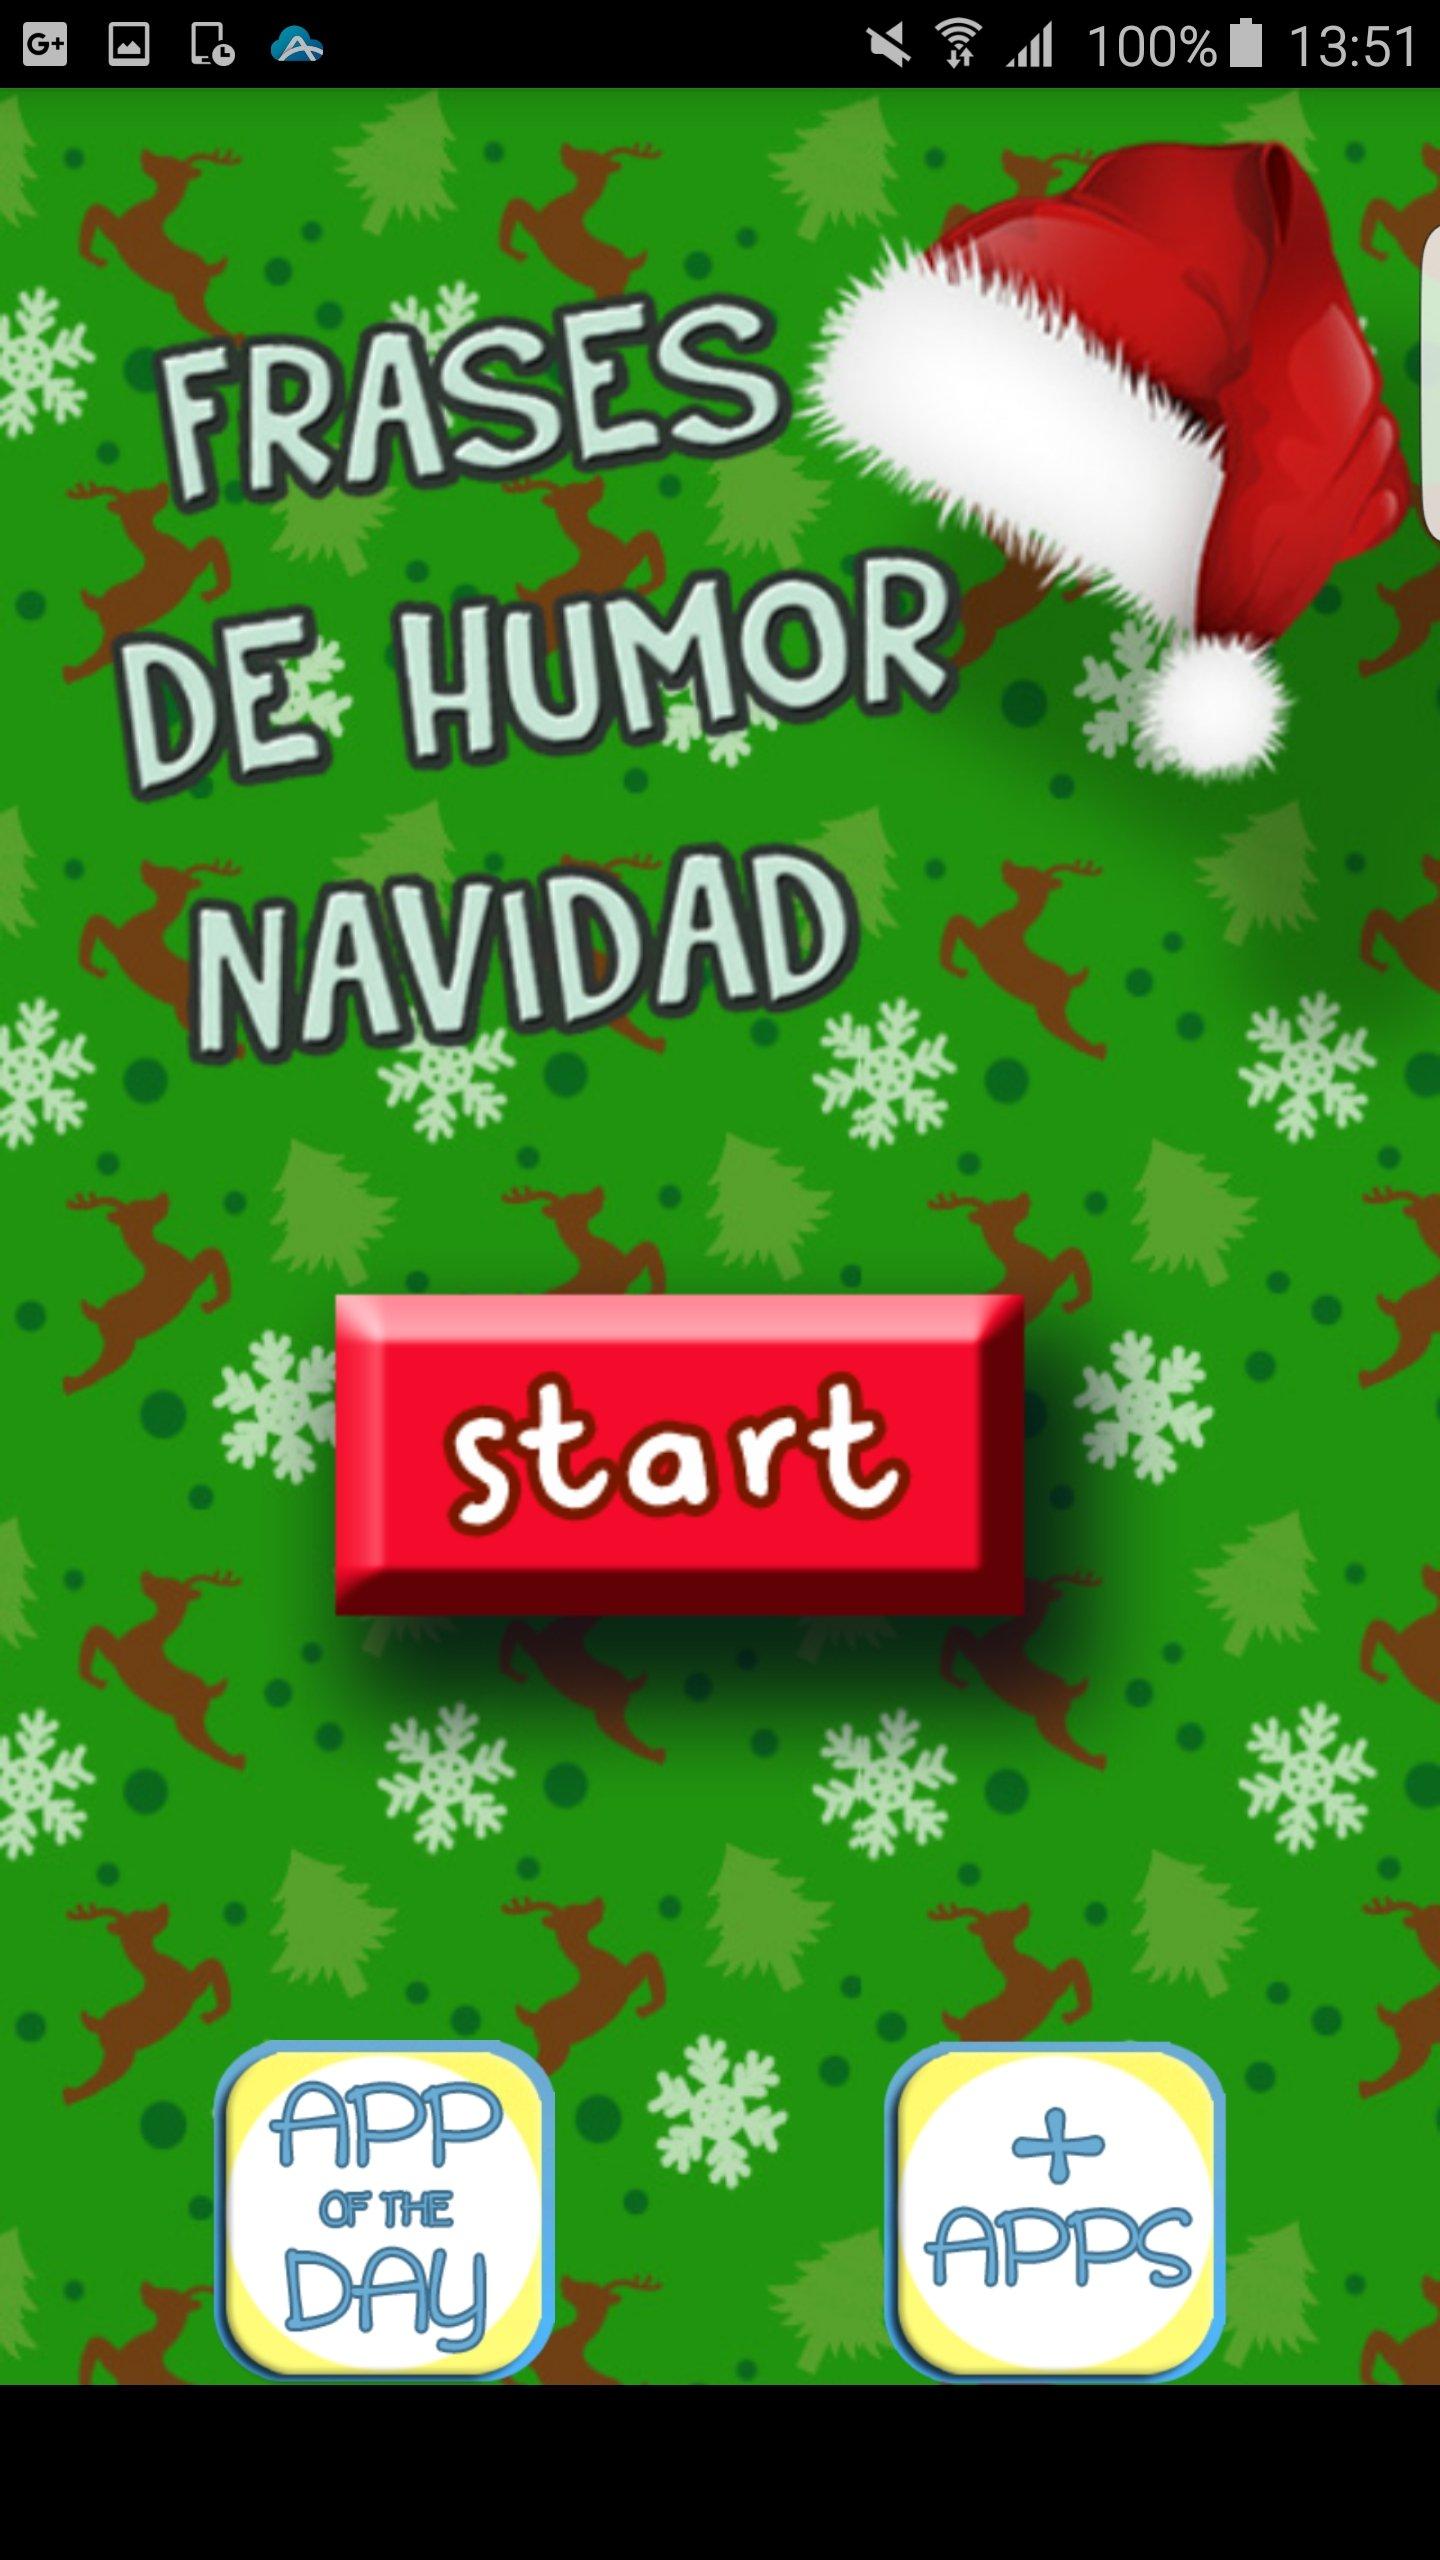 Frases De Humor Navidad 151111 Descargar Para Android